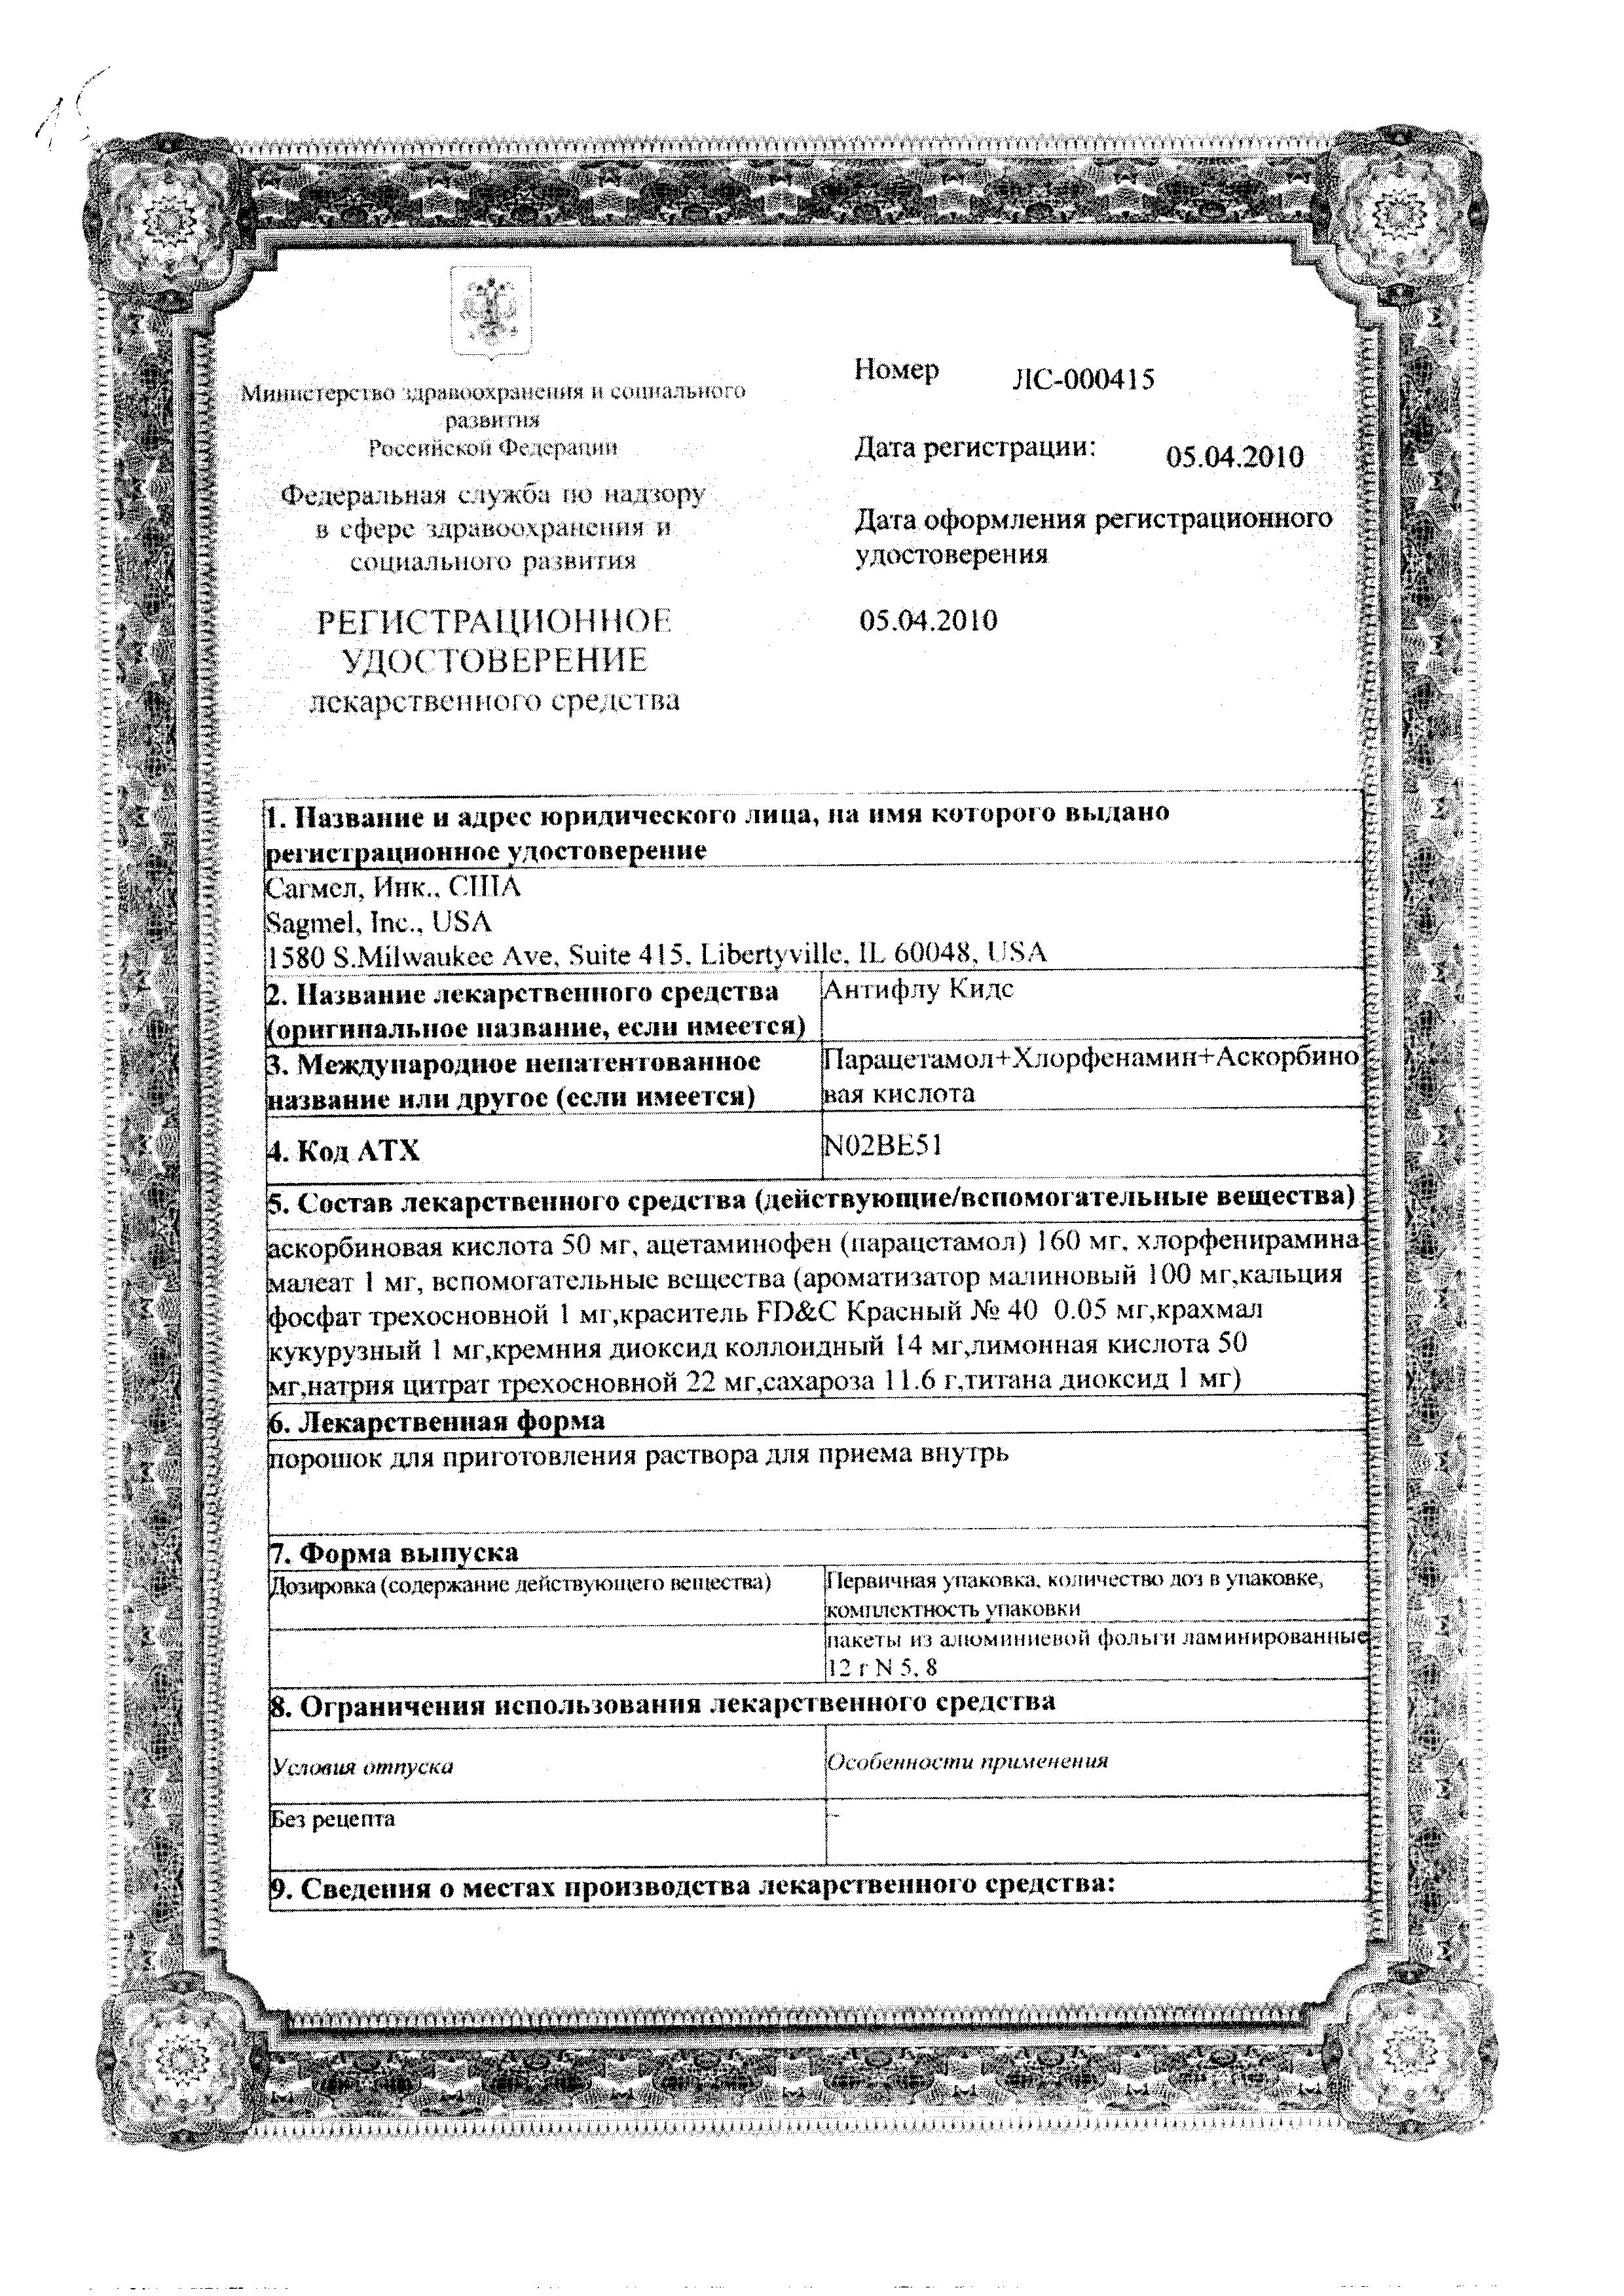 АнтиФлу Кидс сертификат